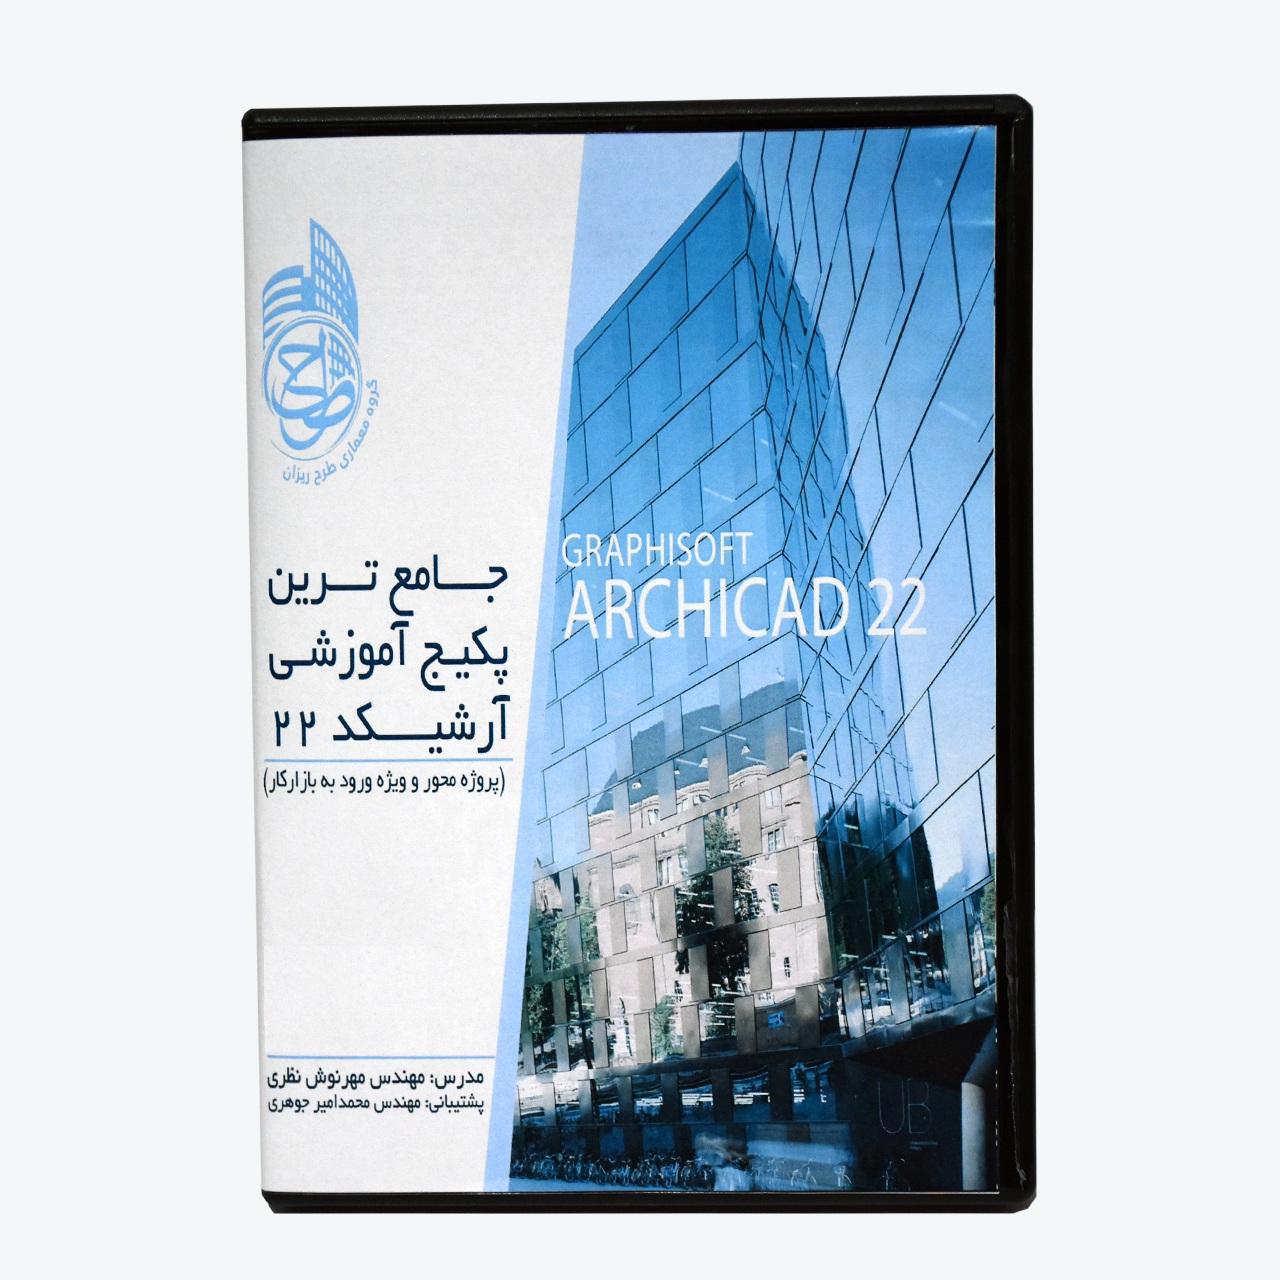 ویدئو آموزش نرم افزار آرشیکد نشر معماران طرح ریزان